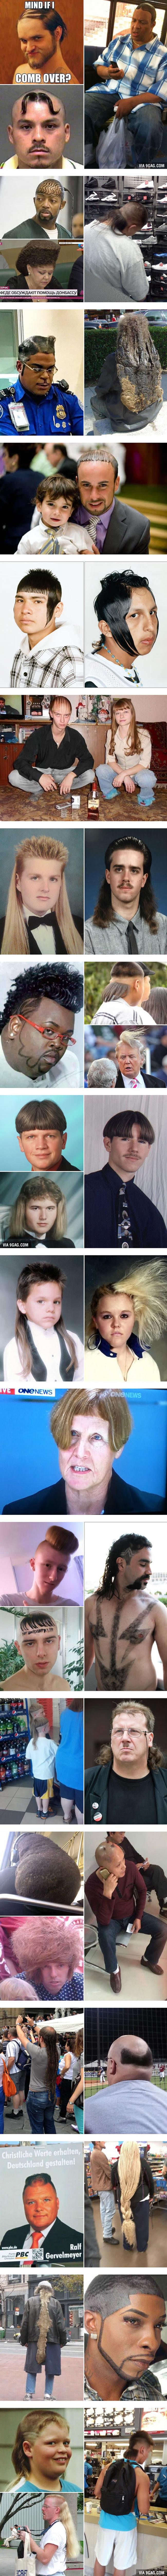 Ces personnes ont vraiment du énerver leur coiffeur pendant leur coupe de cheveux !